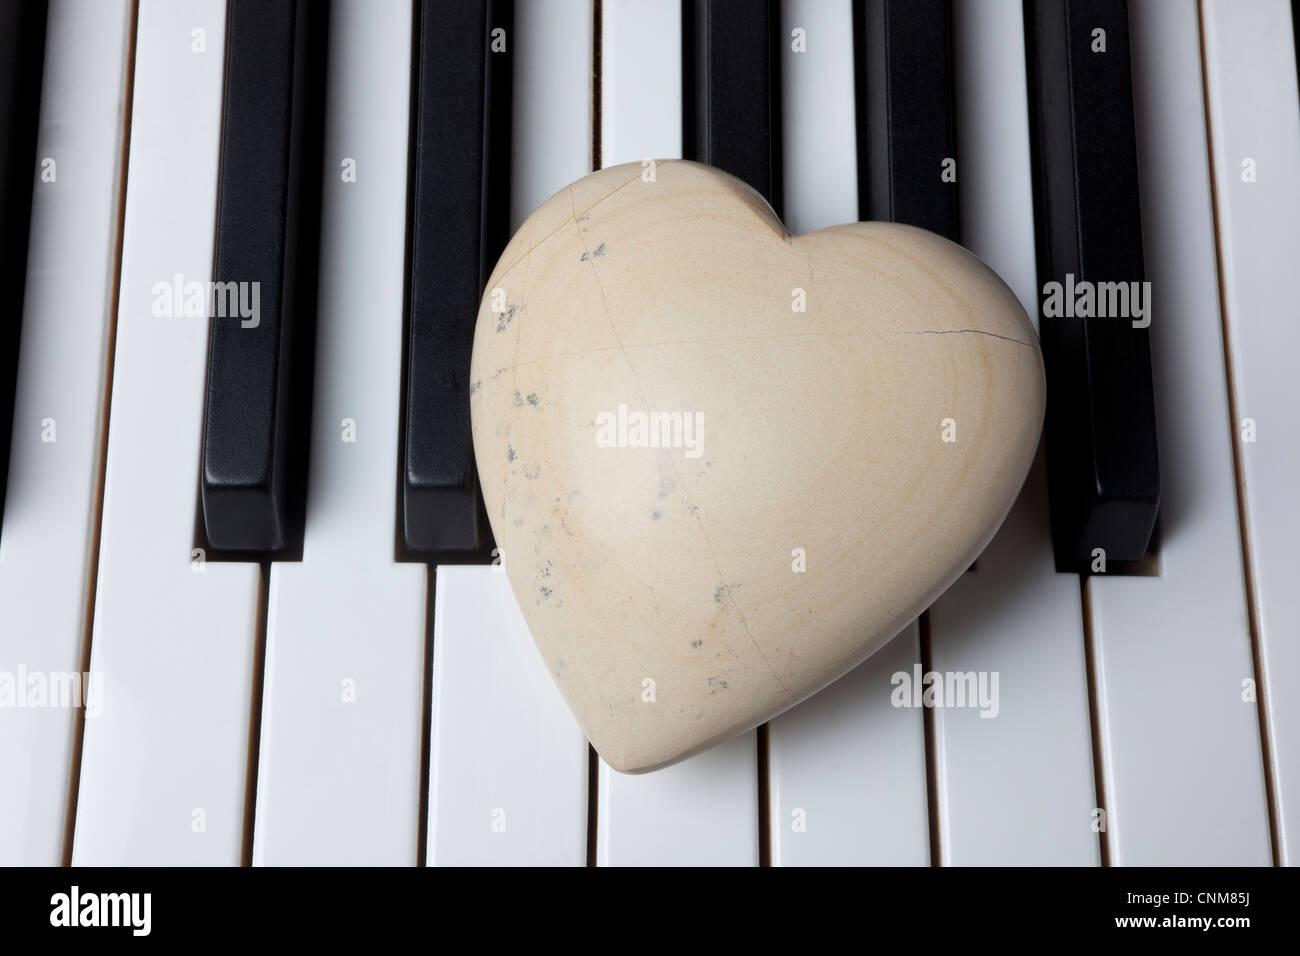 White stone heart on piano keys - Stock Image